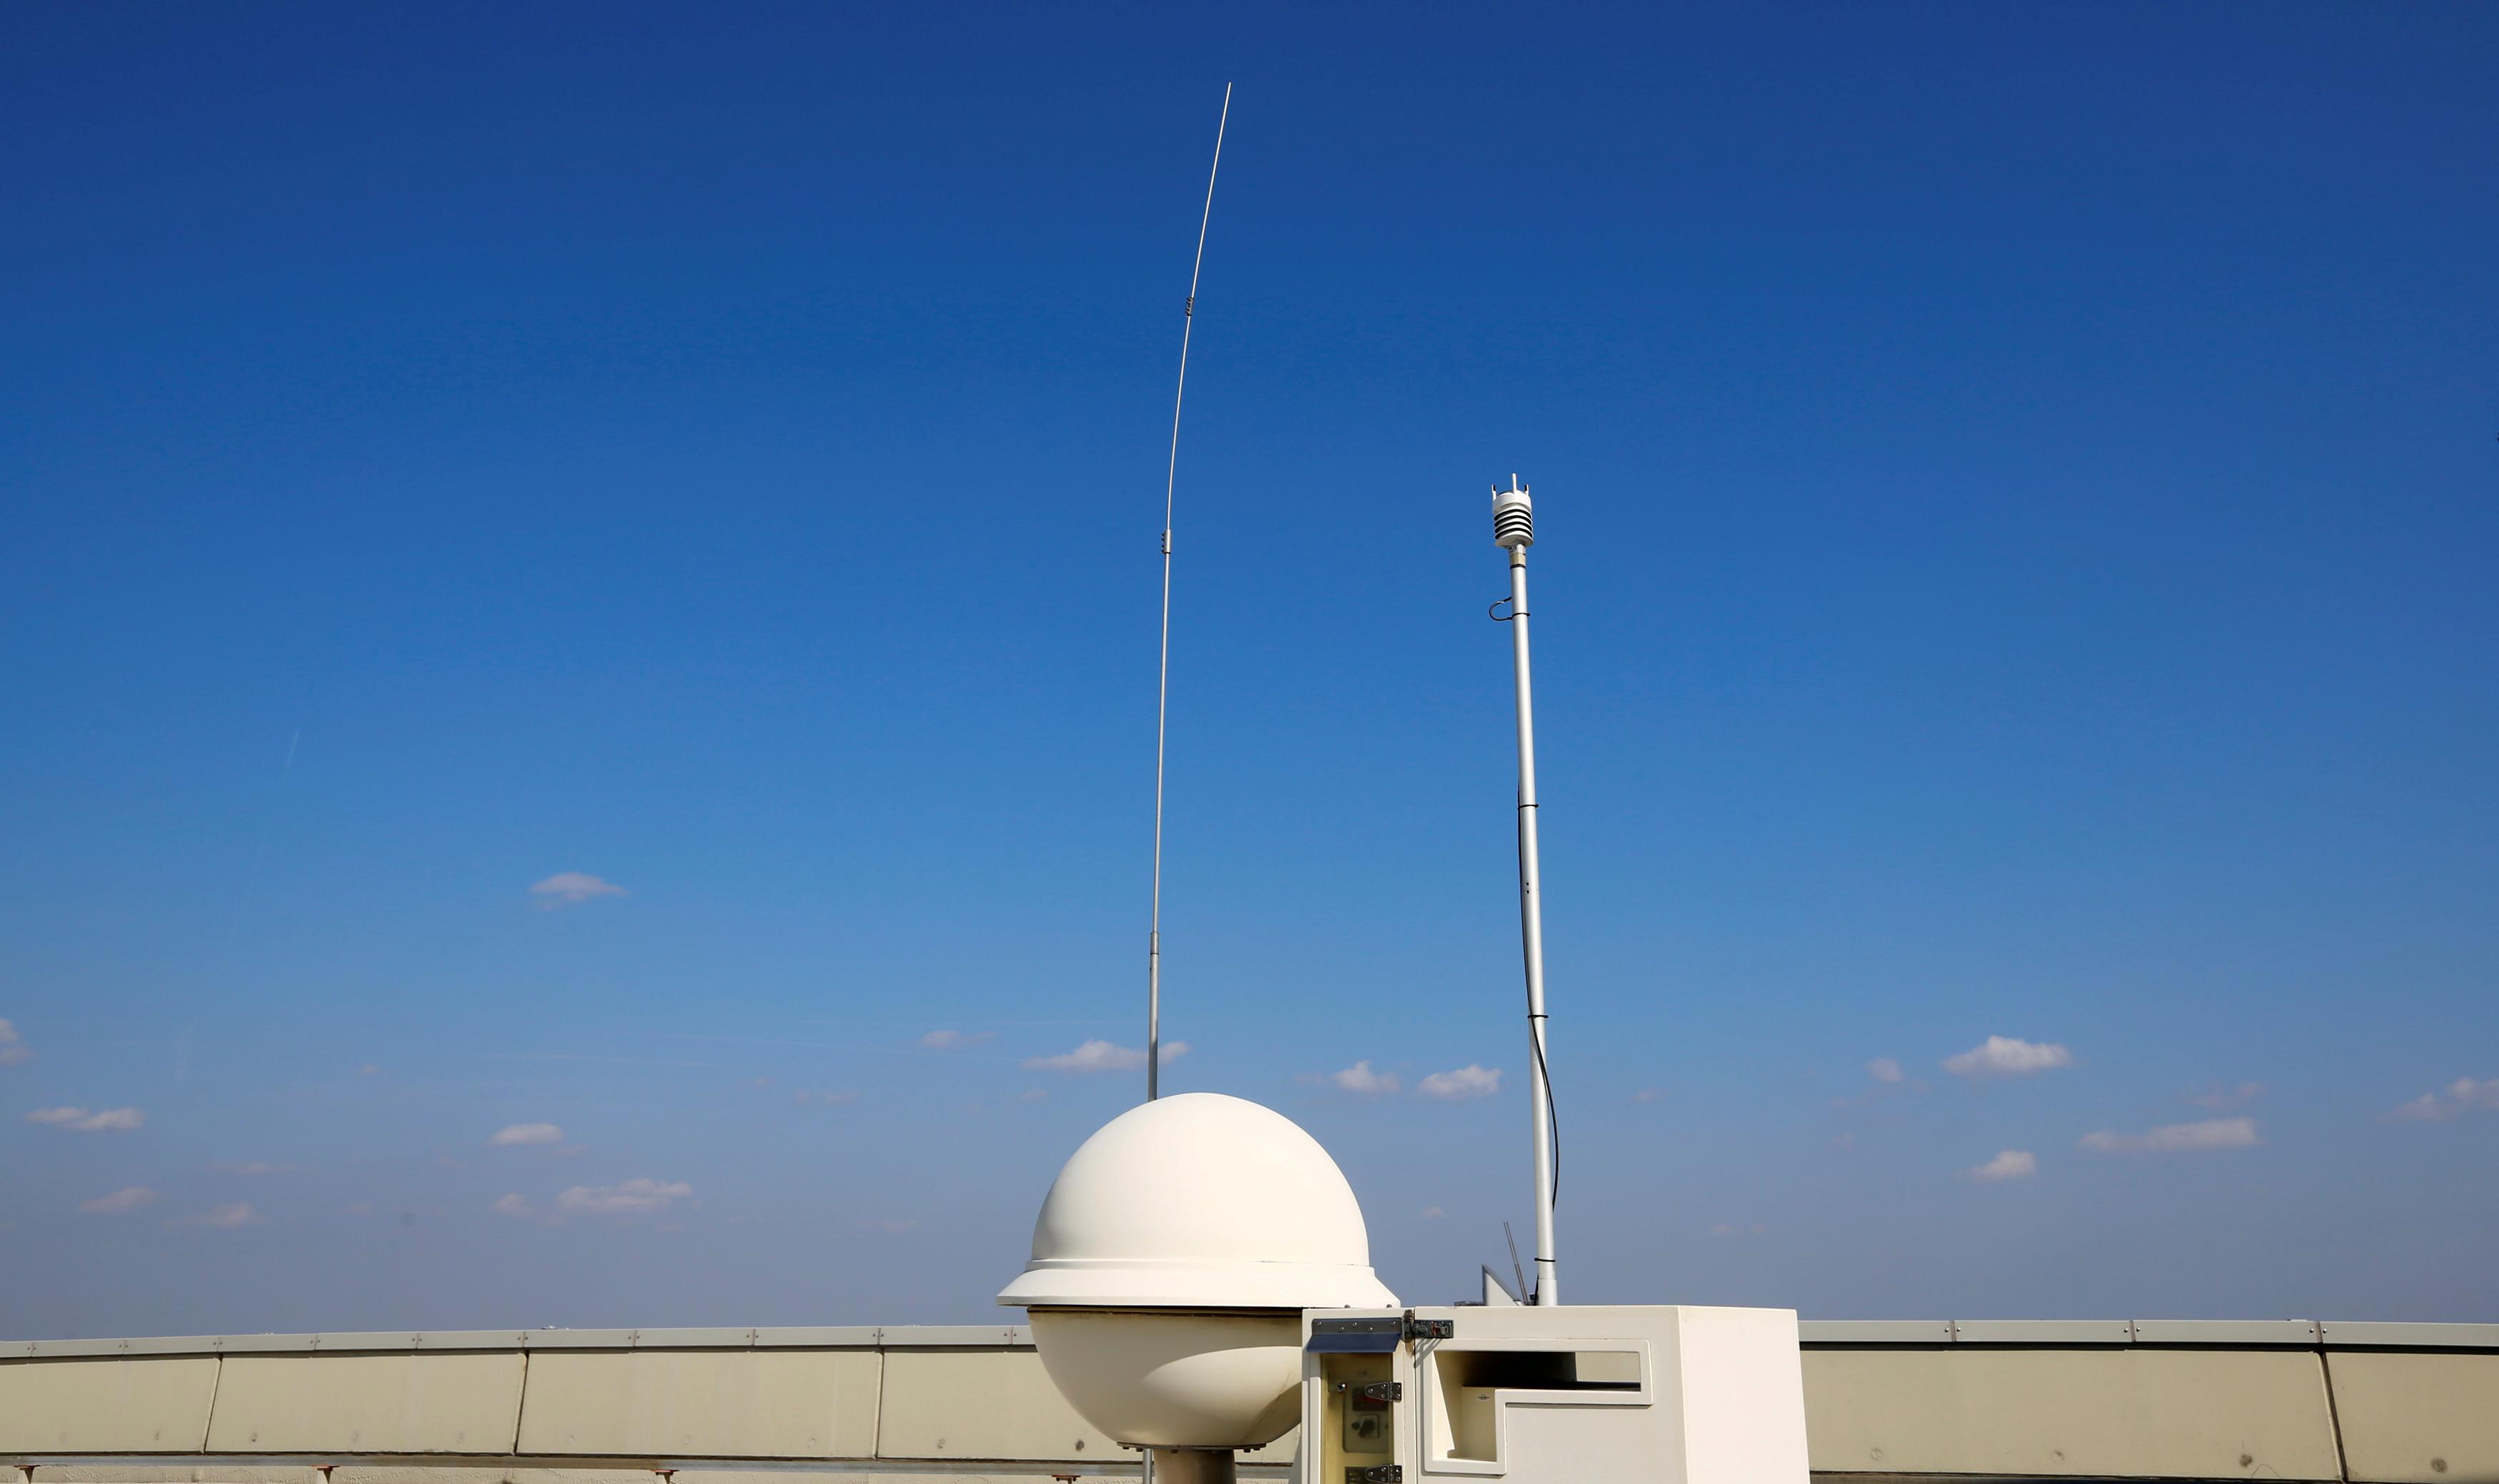 Ρωσία: Η μετεωρολογική υπηρεσία ανακοίνωσε ότι εντόπισε ραδιενεργά ισότοπα